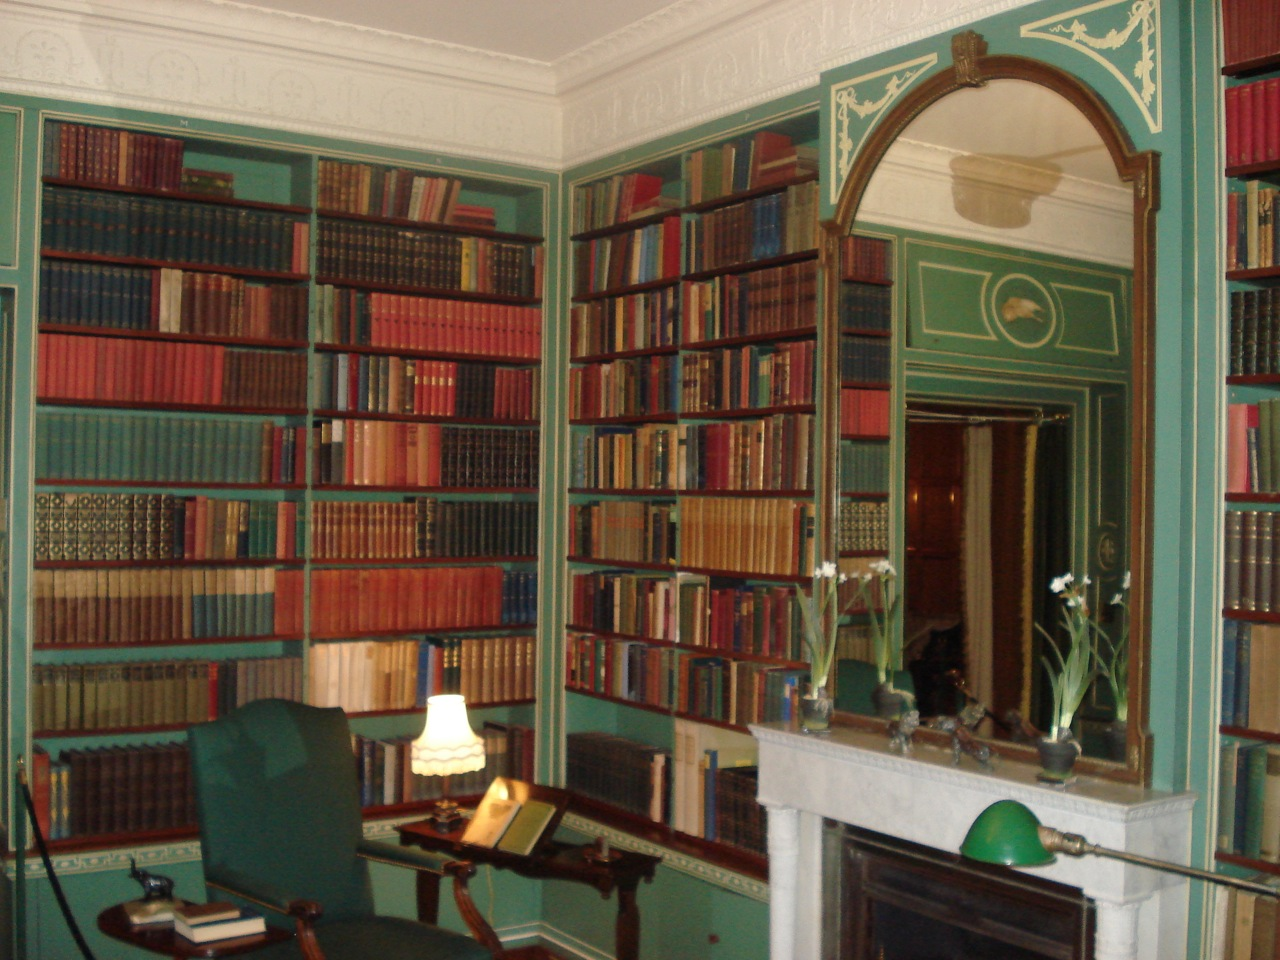 File:George Eastman House Bibliothek